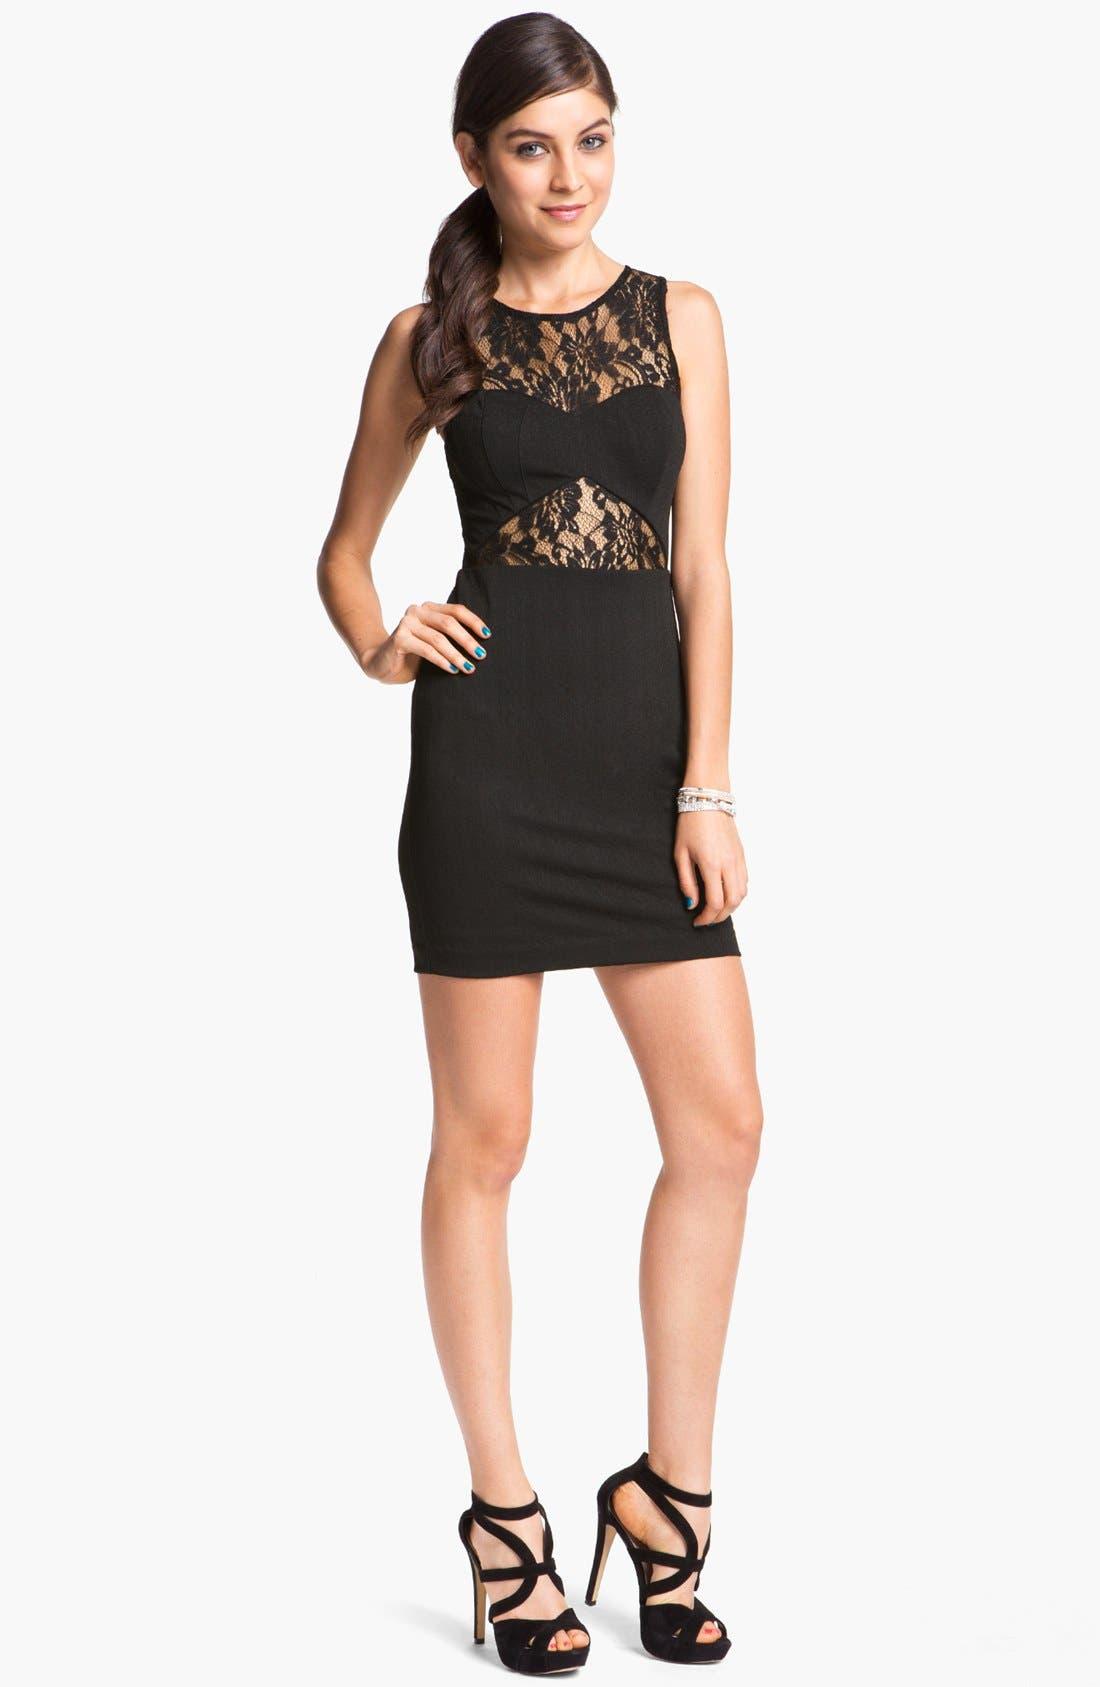 Alternate Image 1 Selected - En Crème Lace Illusion Body-Con Dress (Juniors)